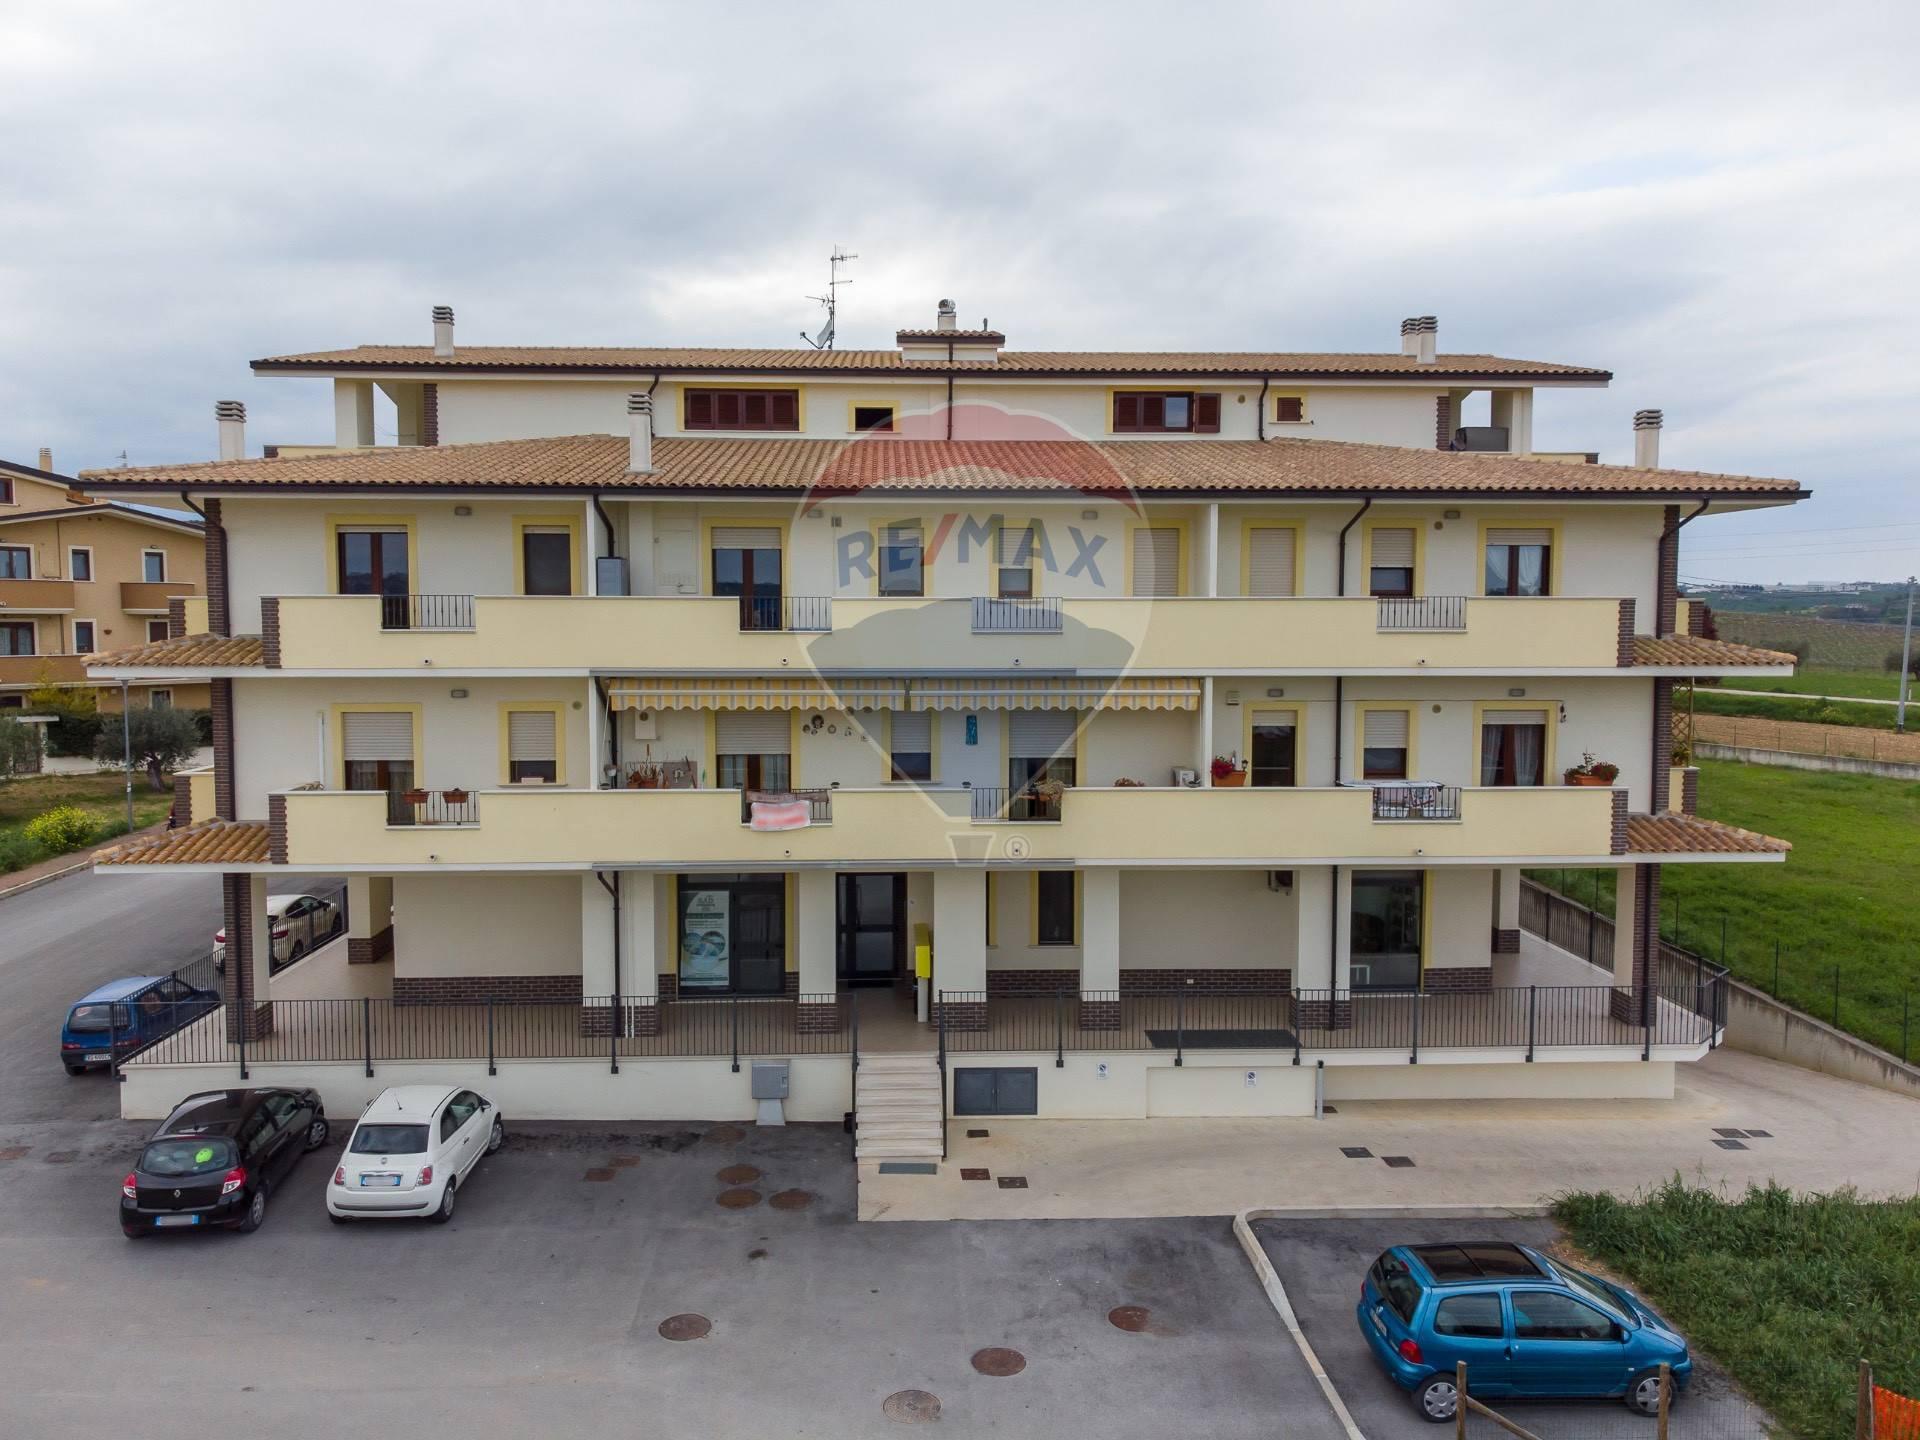 Appartamento in vendita a Rosciano, 3 locali, zona Località: VillaOliveti, prezzo € 75.000   CambioCasa.it